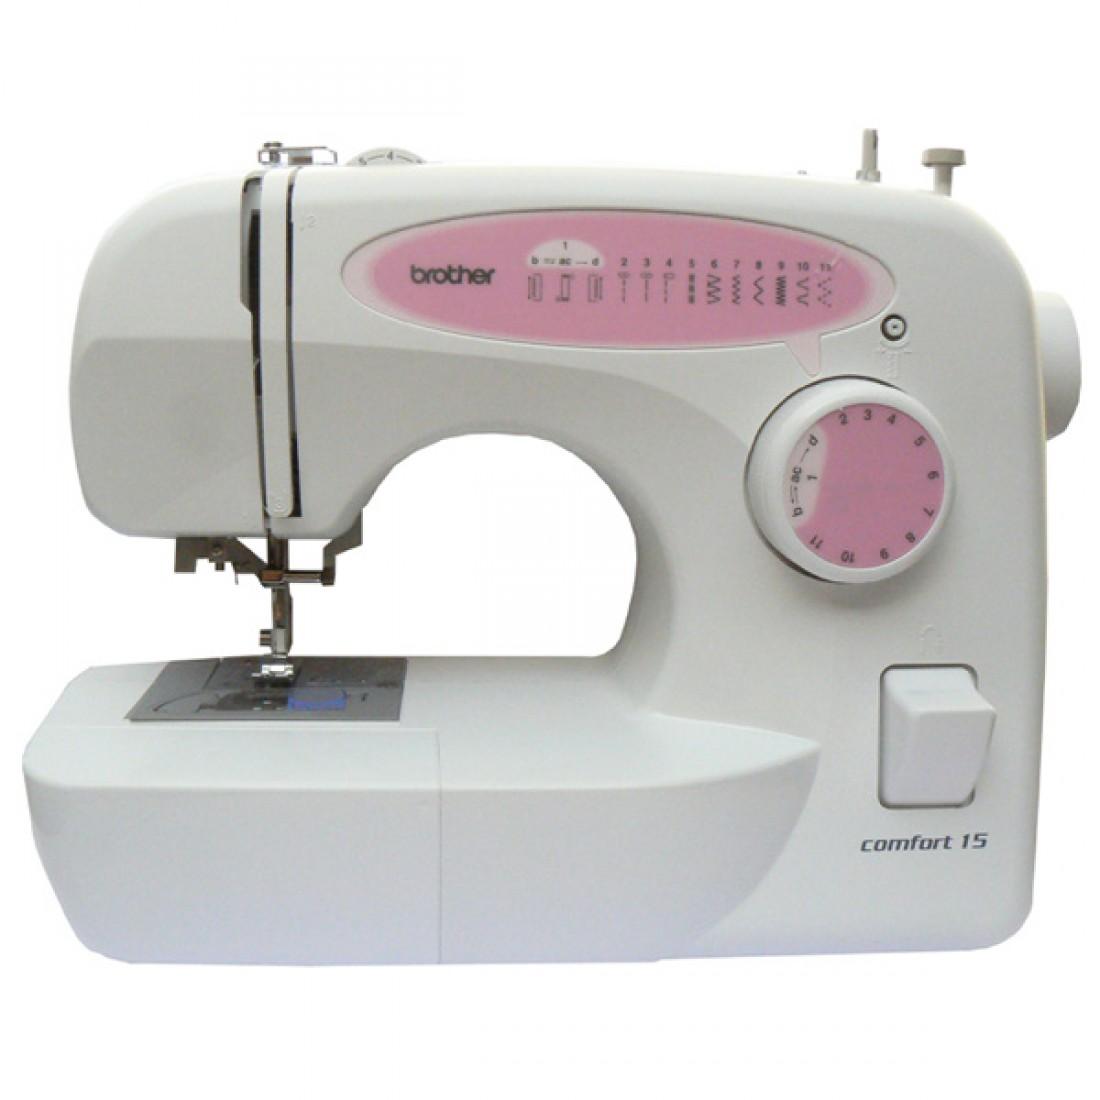 инструкция по эксплуатации профессиональной швейной машины скачать